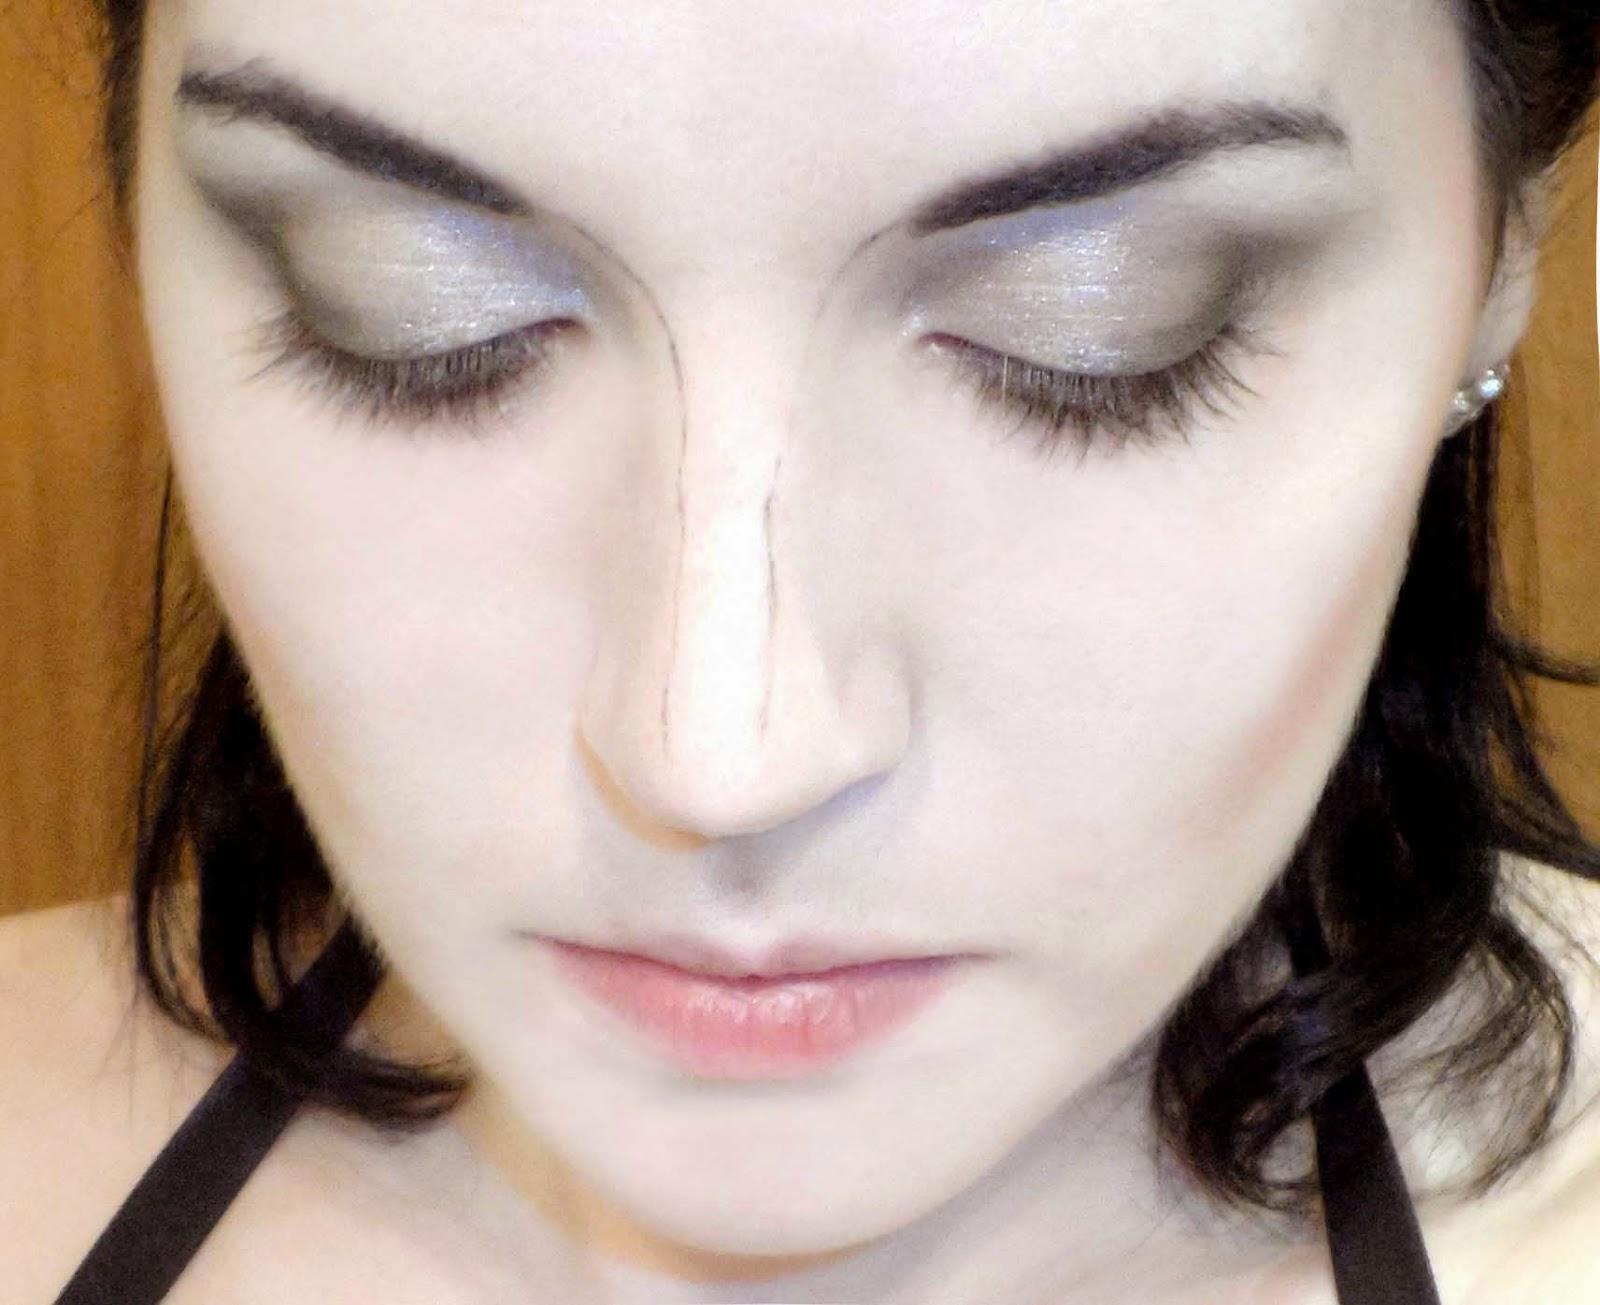 hacer nariz mas estrecha maquillaje